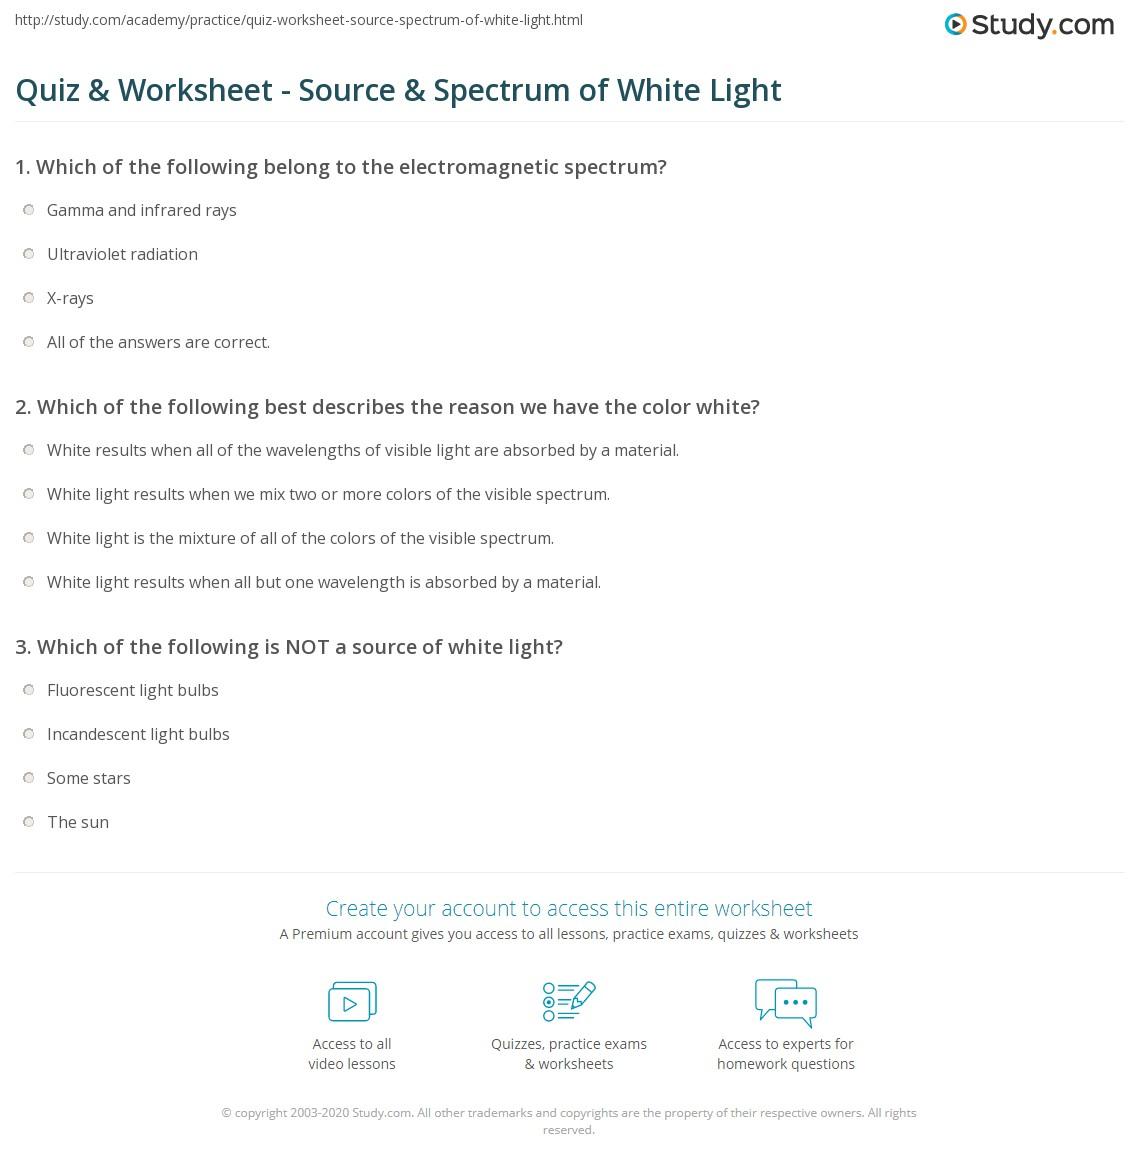 quiz worksheet source spectrum of white light. Black Bedroom Furniture Sets. Home Design Ideas